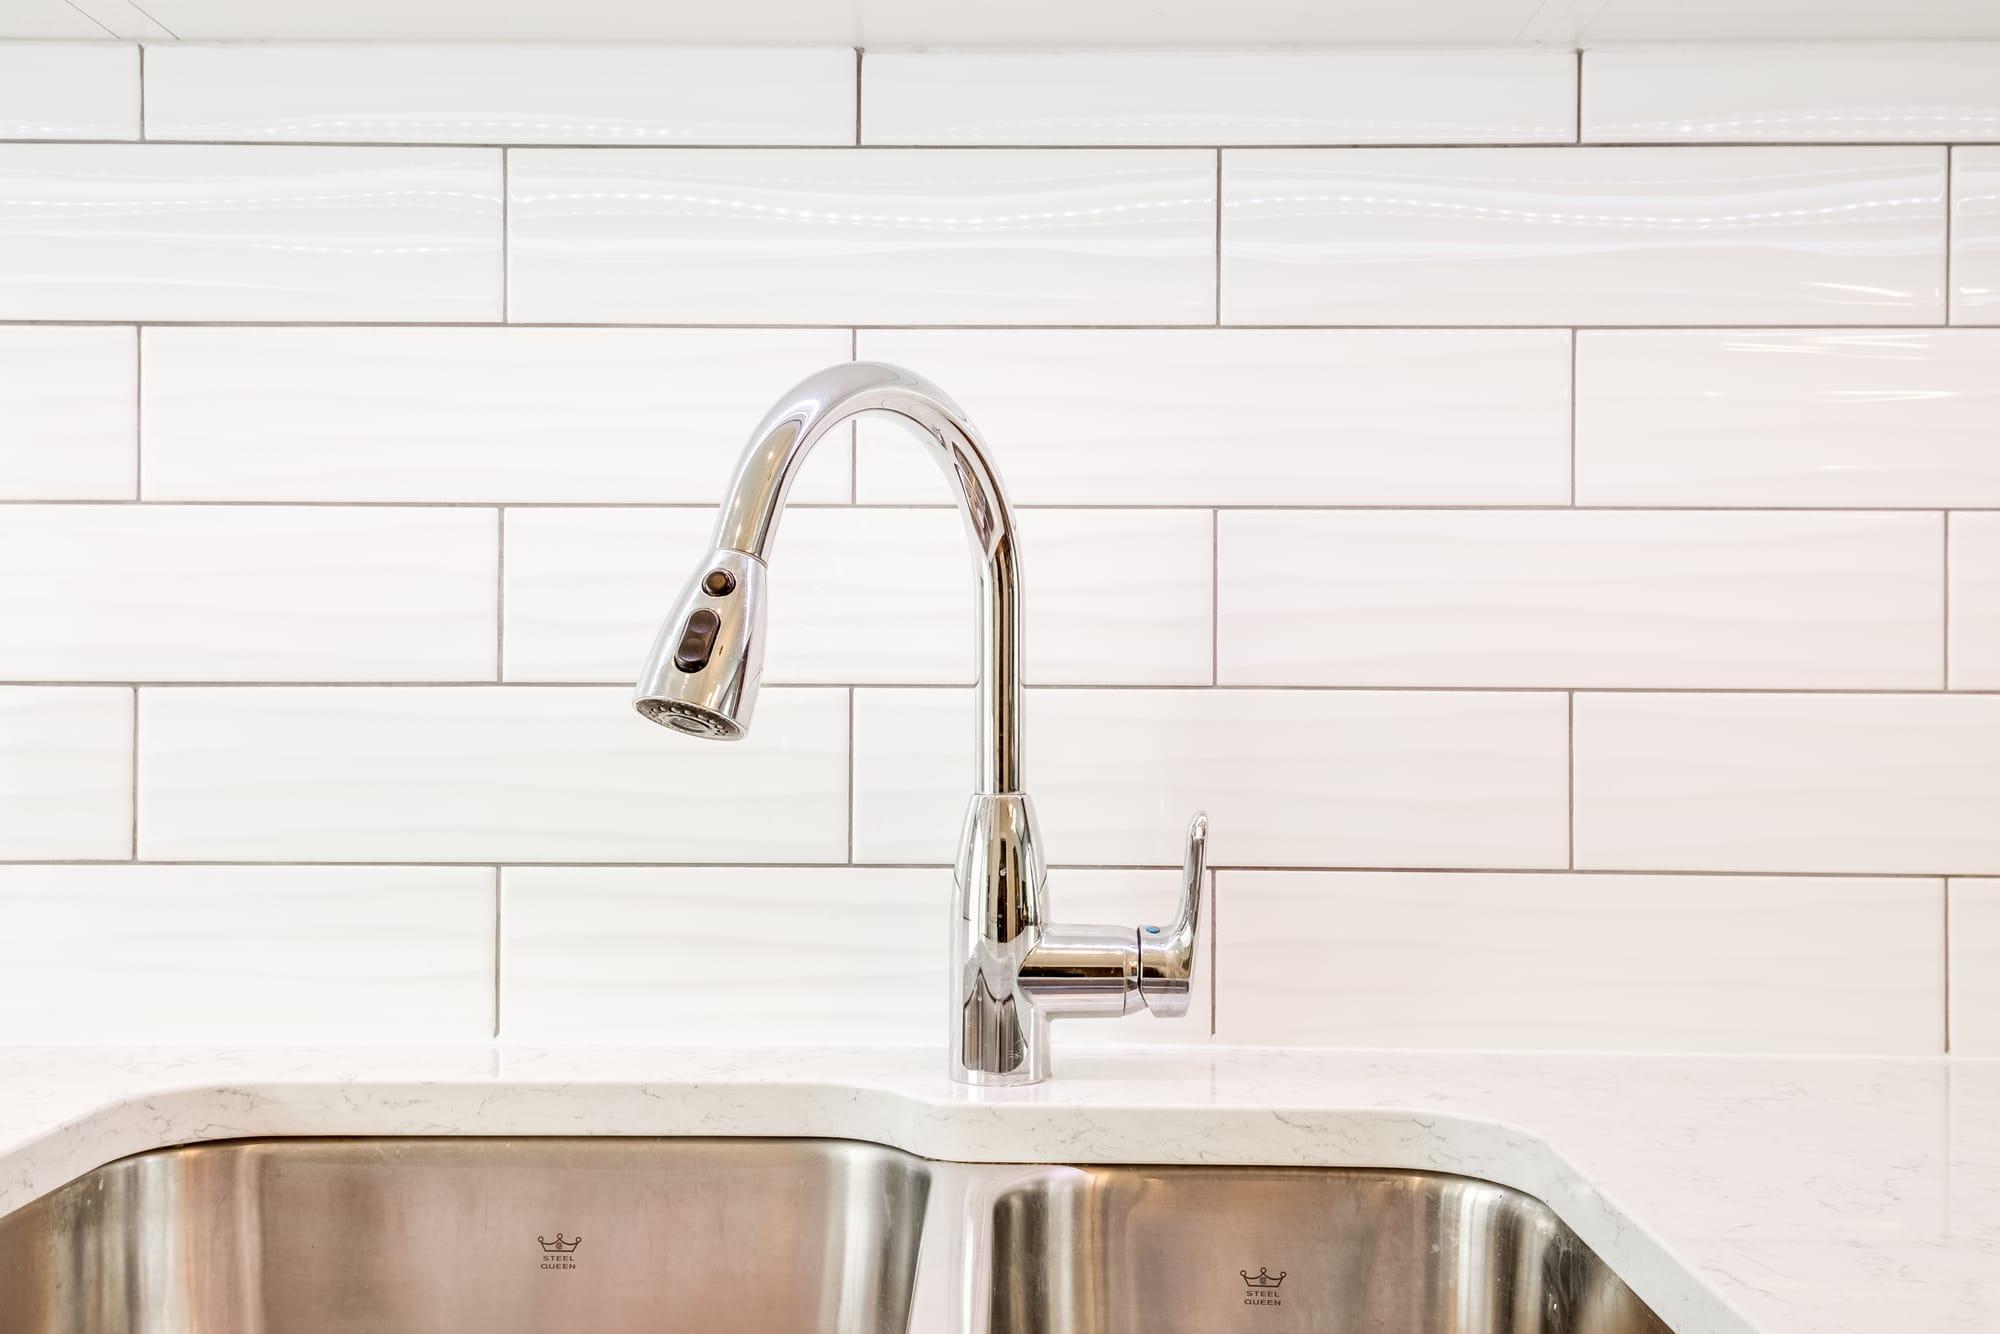 robinet de cuisine de couleur argent avec dosseret en céramique blanc